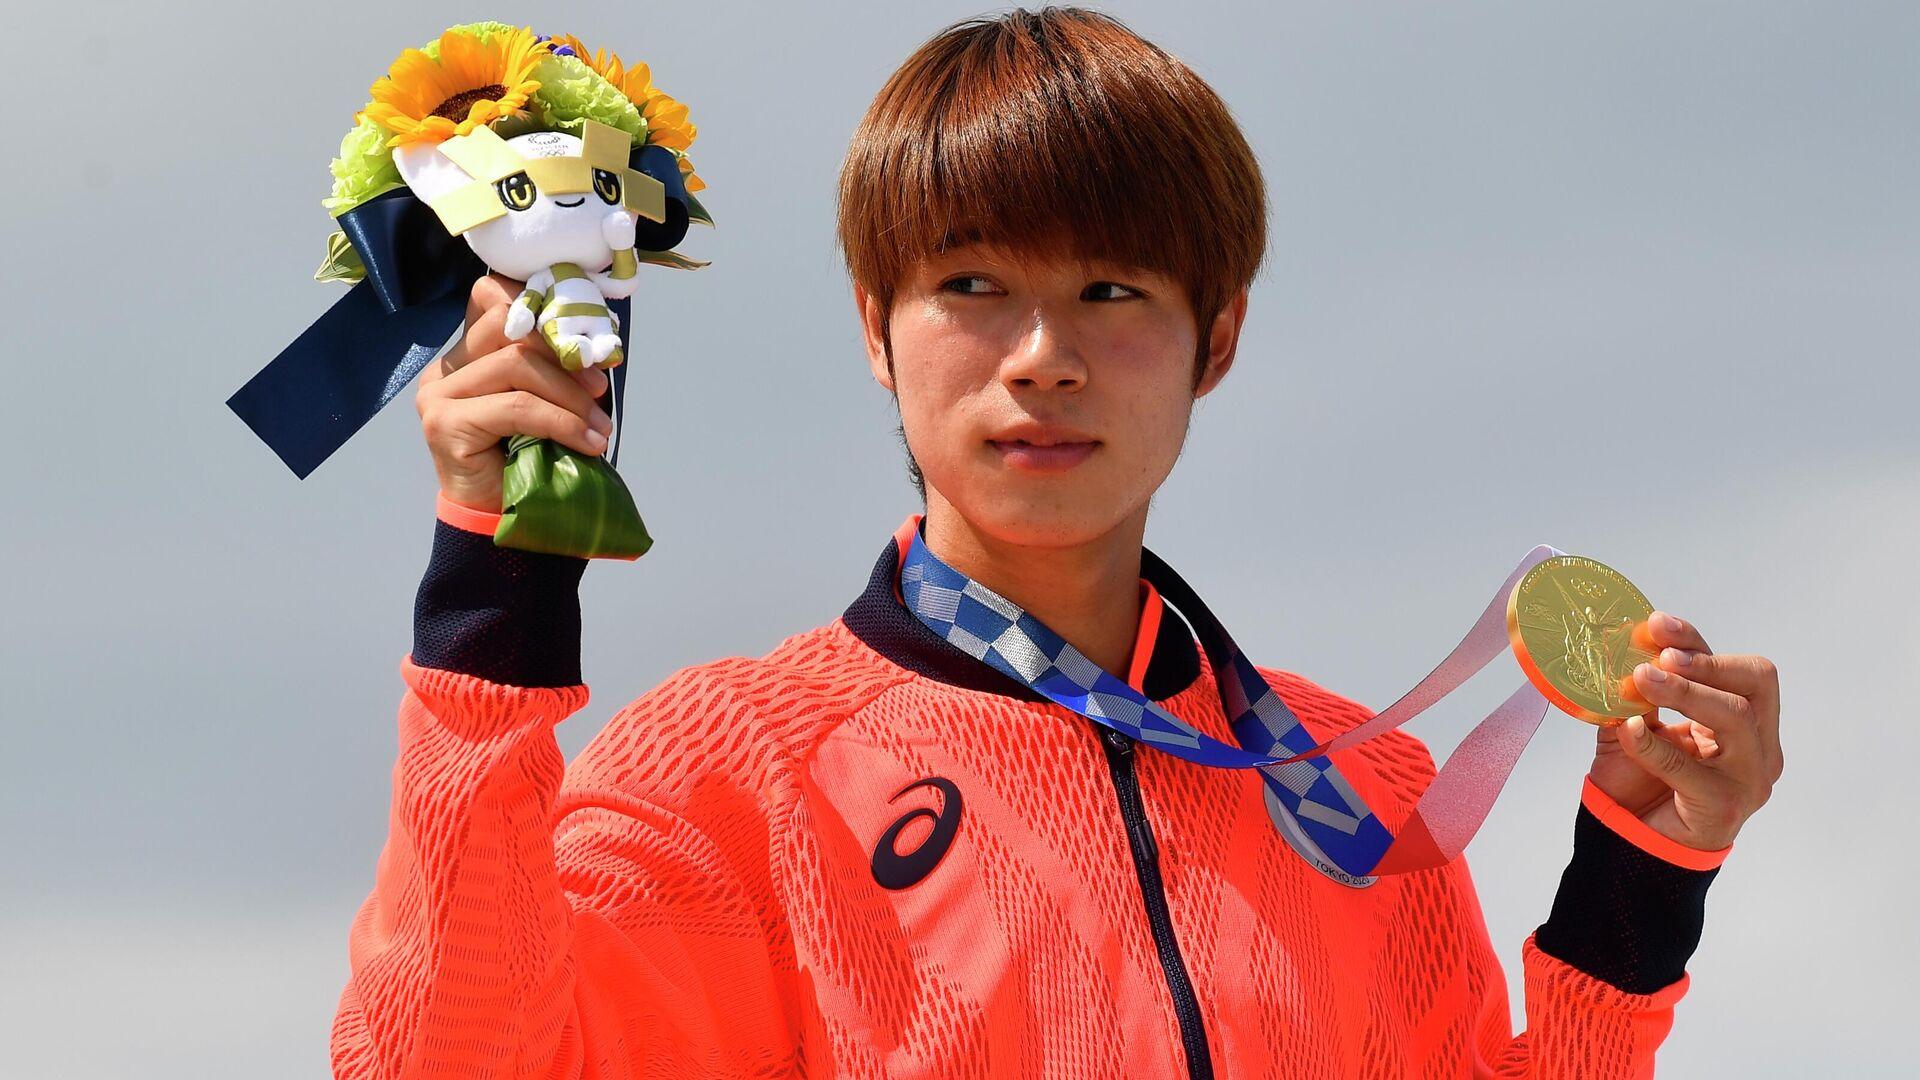 El skater japonés Yuto Horigome posa con su medalla de oro durante la ceremonia de entrega de premios, el 25 de julio de 2021, Tokio - Sputnik Mundo, 1920, 25.07.2021